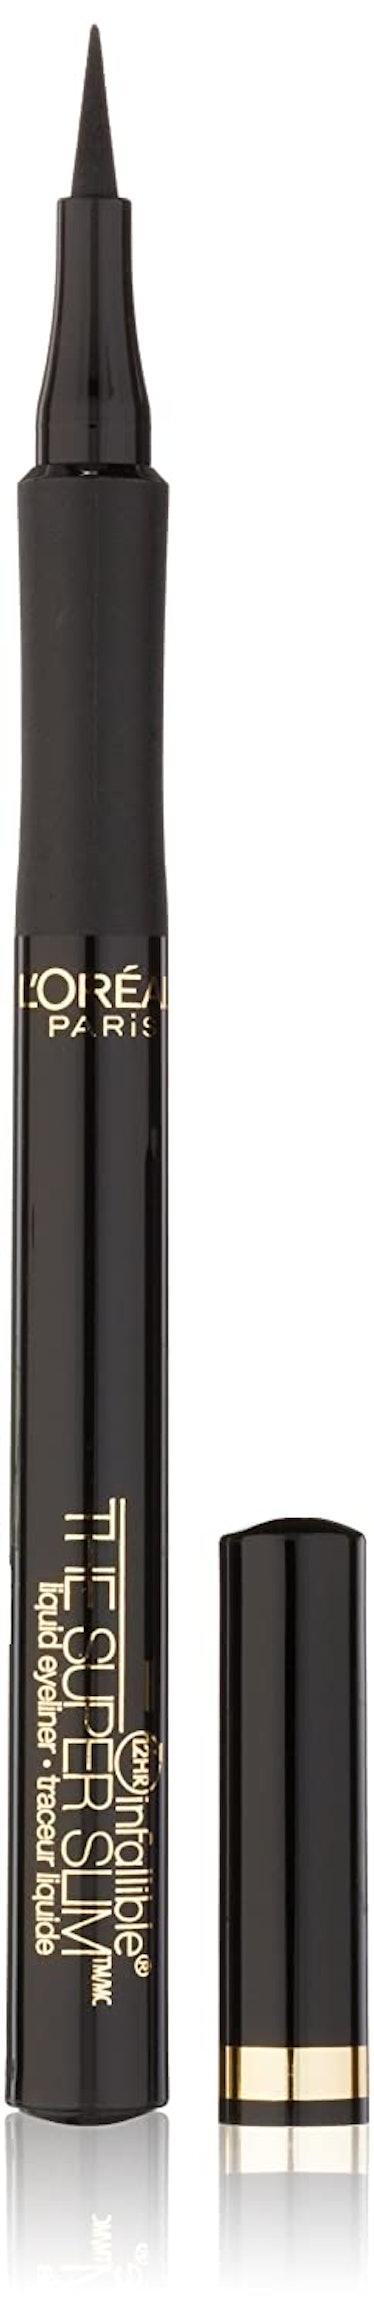 L'Oréal Paris Infallible The Super Slim Liquid Eyeliner